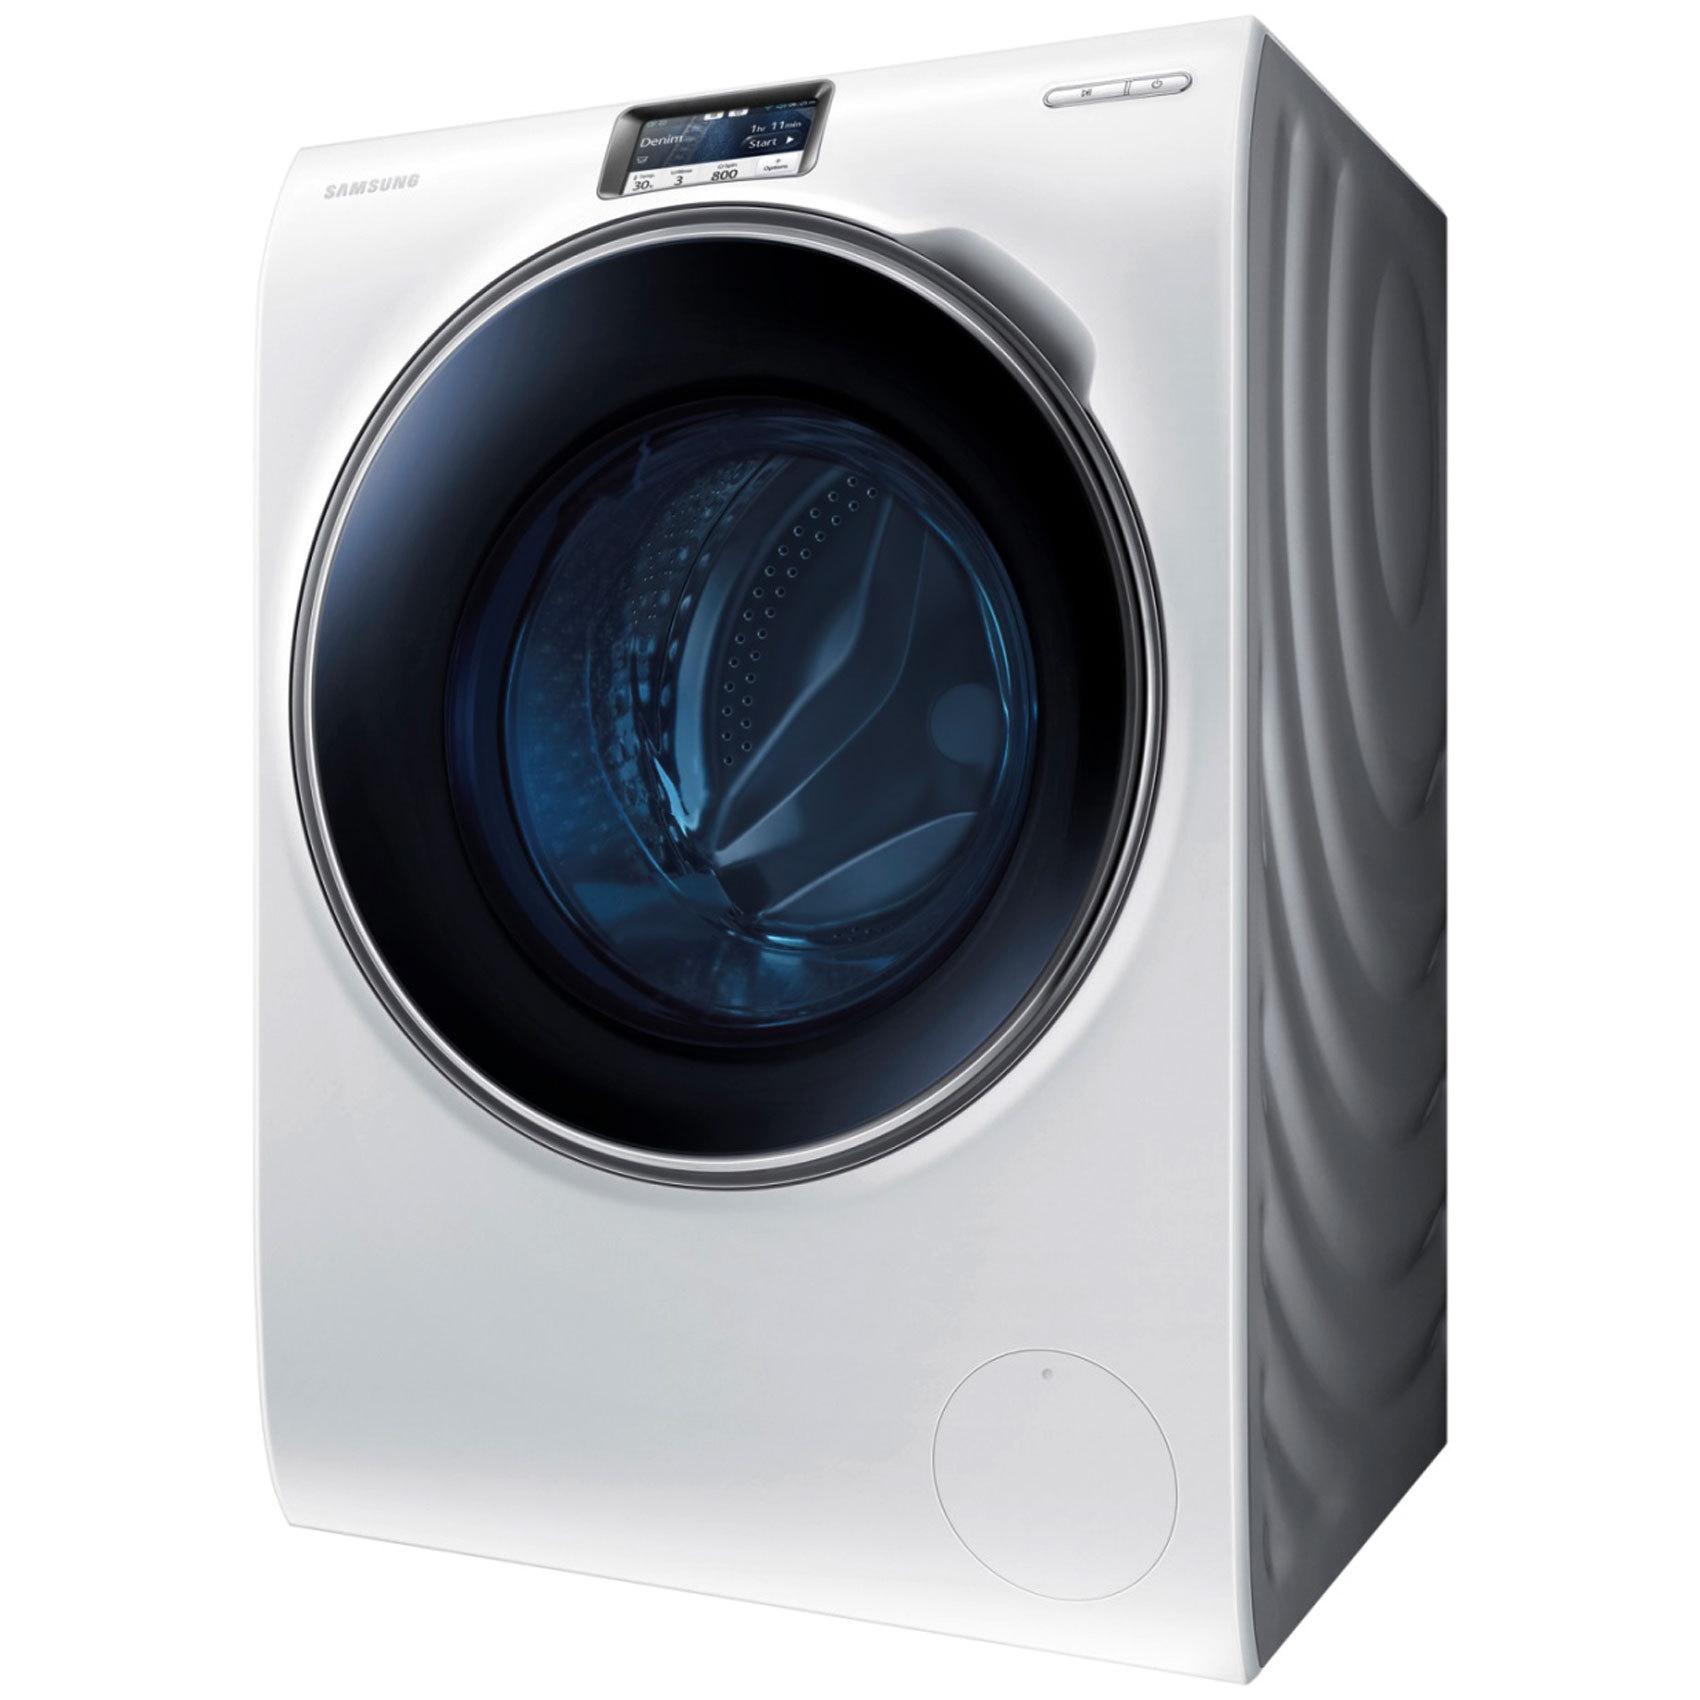 Buy Samsung 10kg Front Load Washing Machine Ww10h9600 Eweu Online